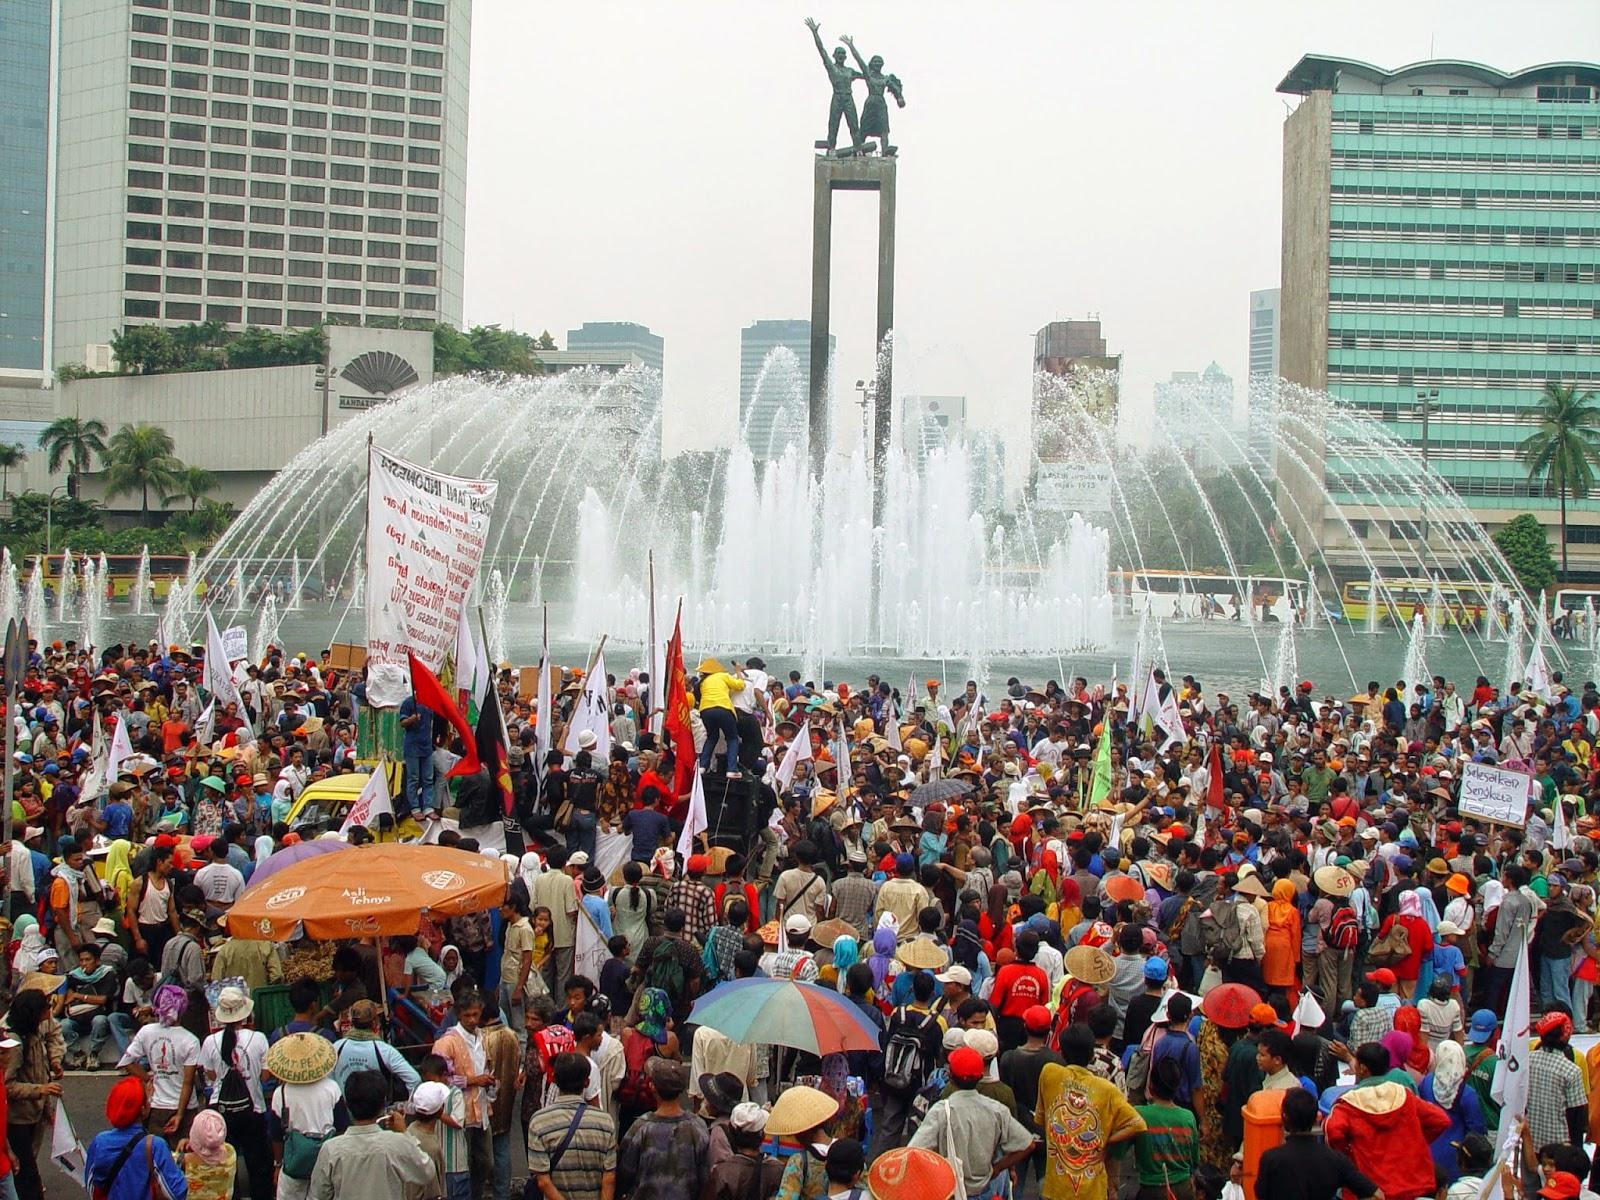 Ilustrasi penduduk Jakarta | Sumber: My Story